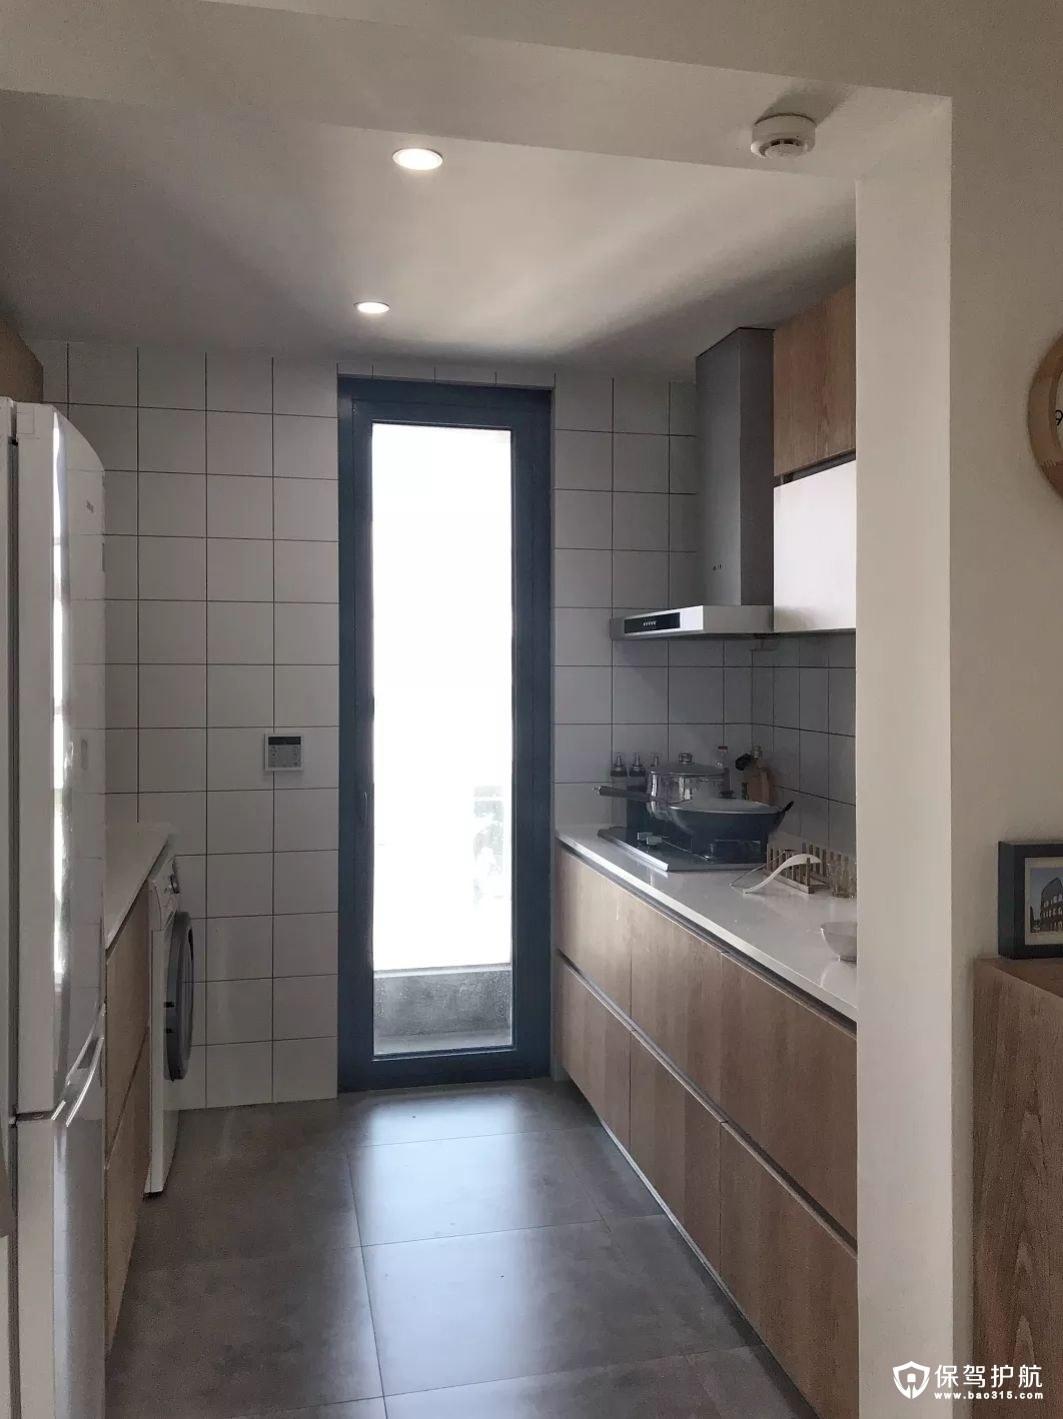 很经典的小厨房设计,像一个商店,用透明的玻璃作为隔断,防止油烟